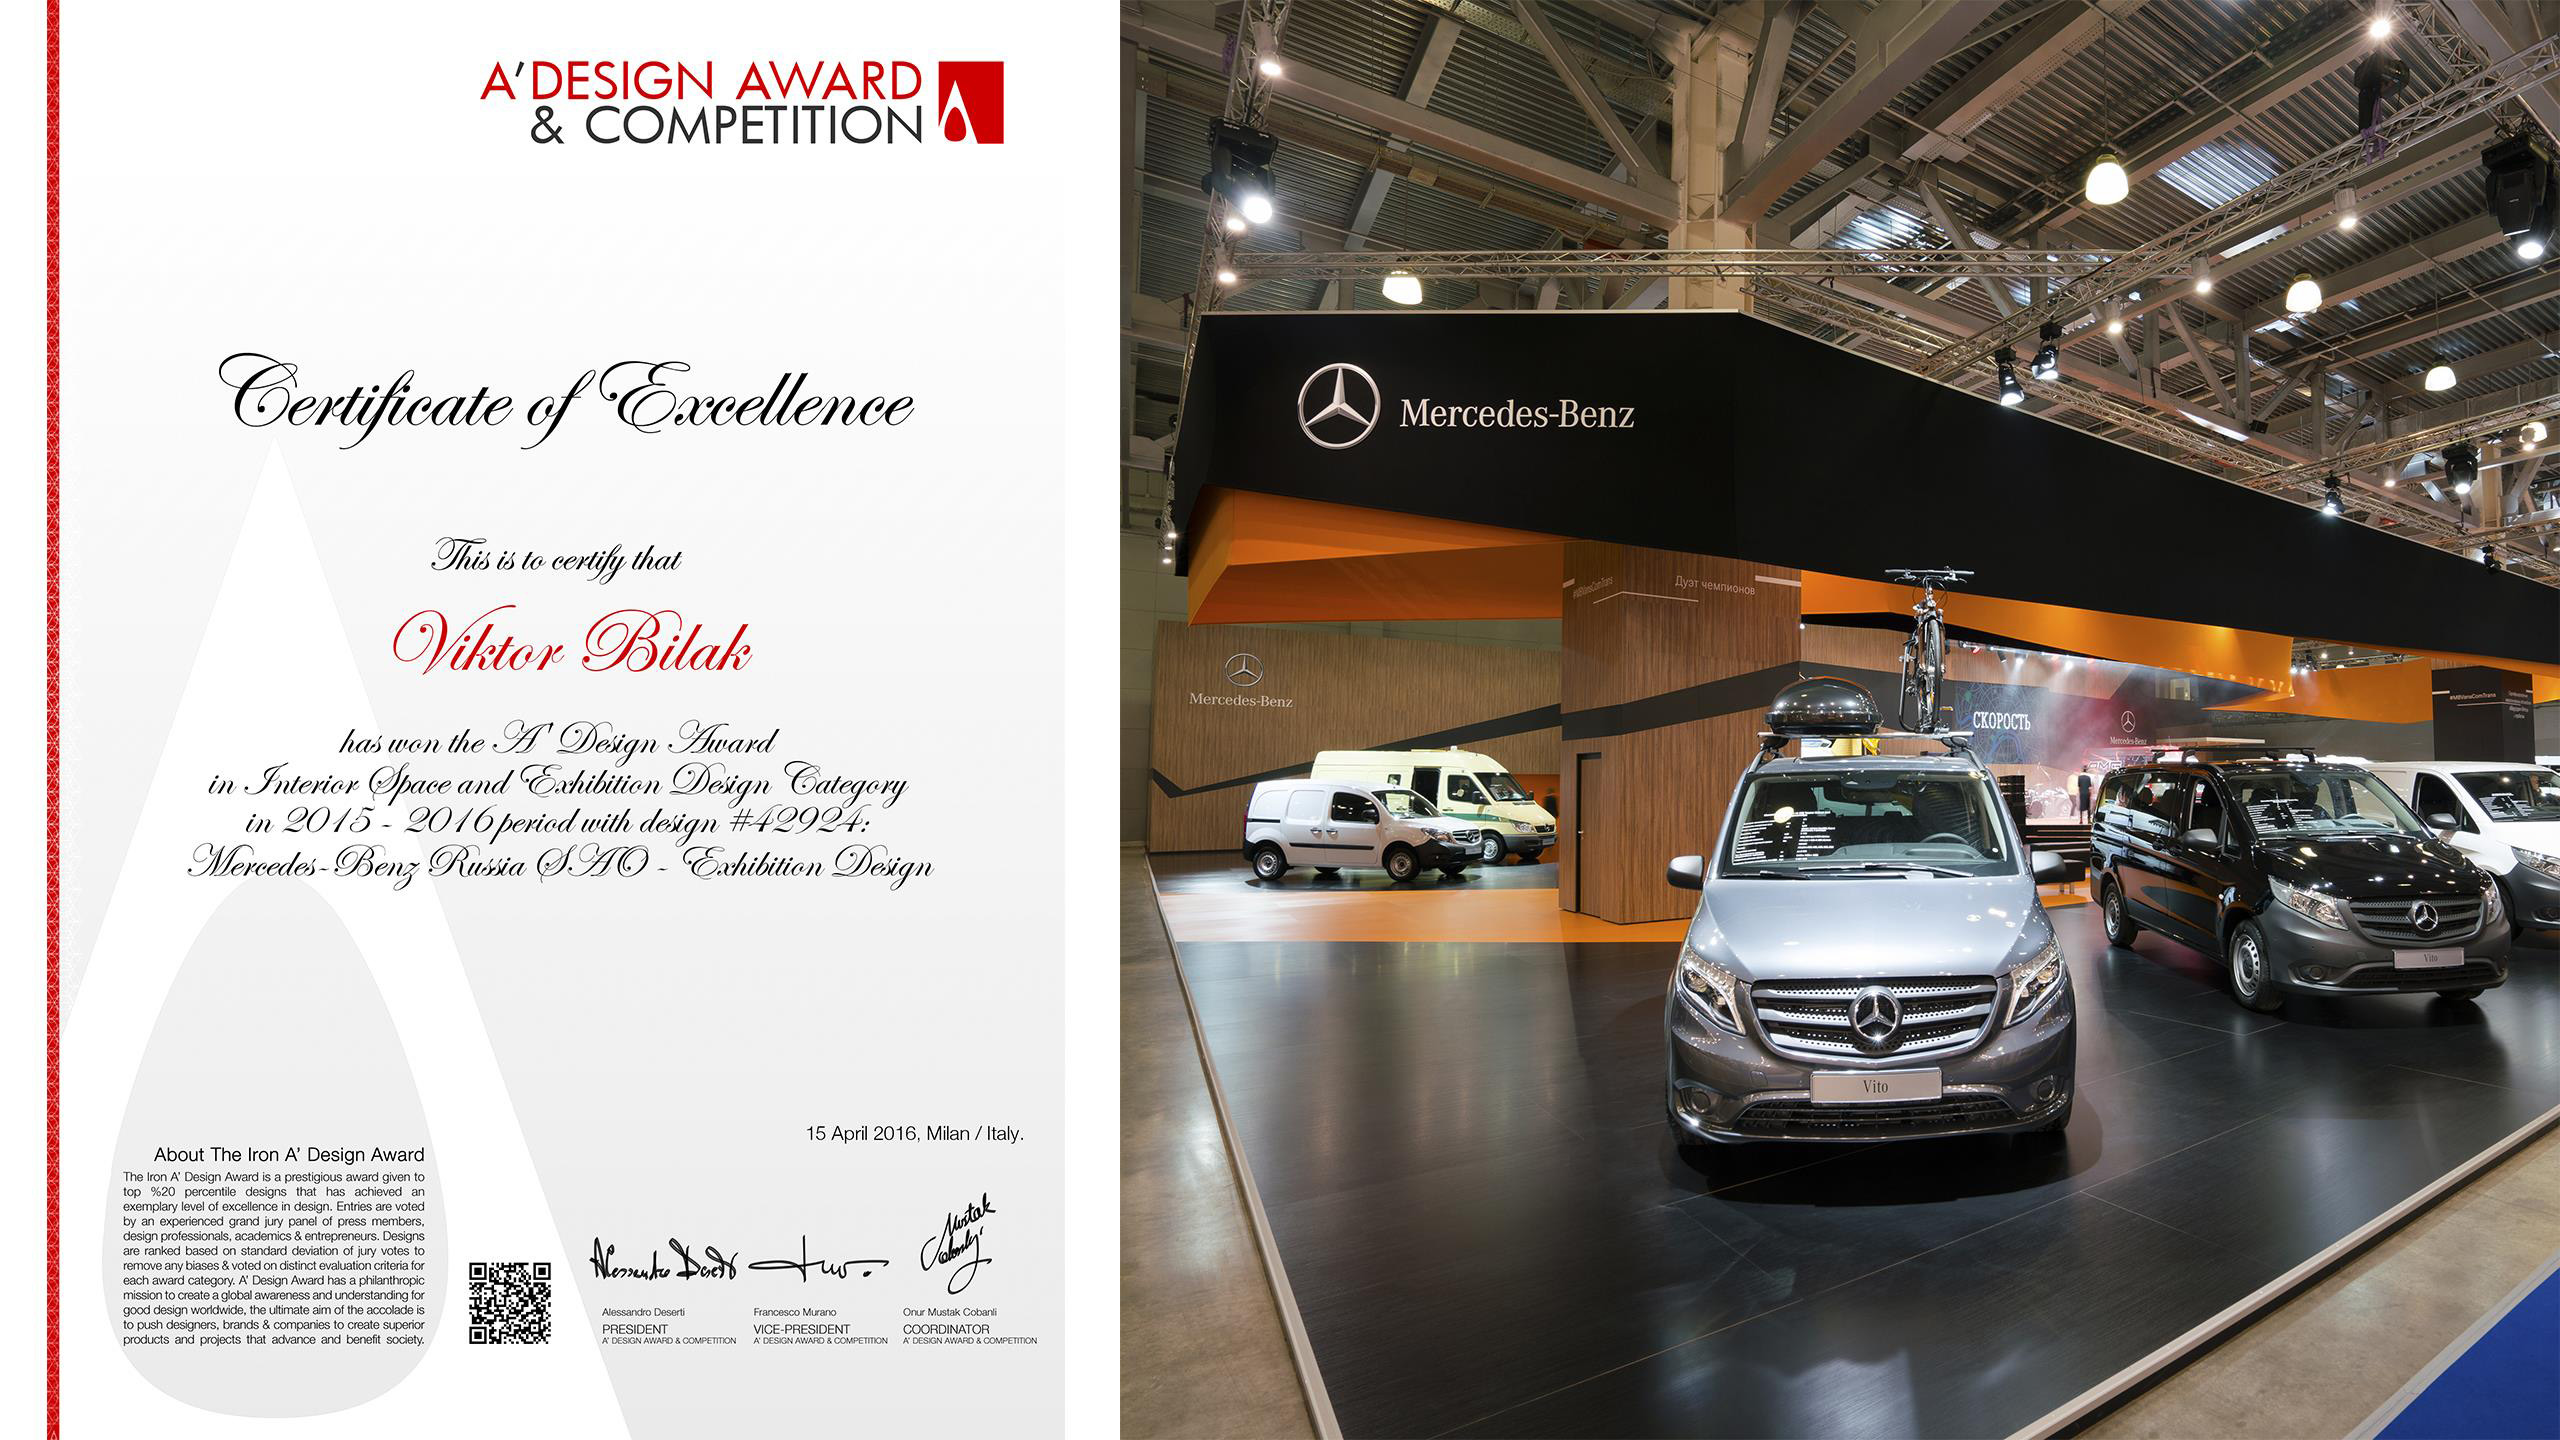 2016 ADA42924 ITALY Mercedes-Benz Comtrans2015 A DesignAward2016 Winner Russia